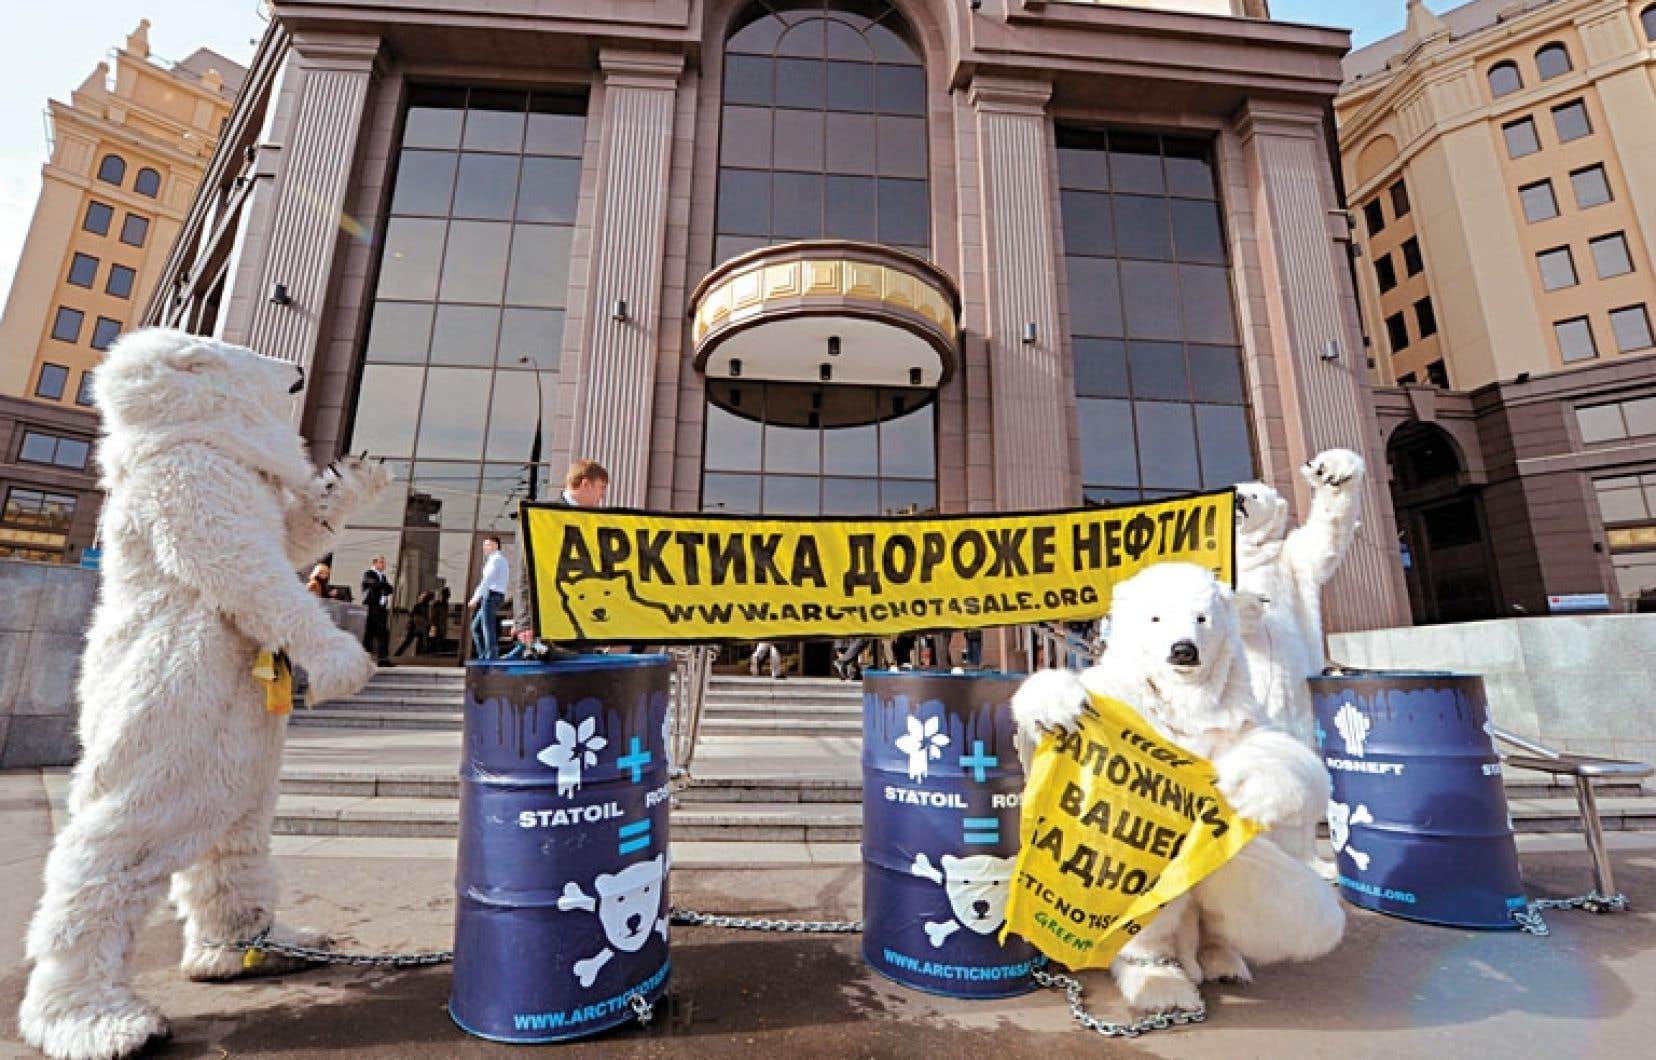 <div> L'Arctique fond à cause du réchauffement climatique, et des membres de Greenpeace déguisés en ours blancs manifestaient en avril dernier à Moscou contre les activités de forage de la société pétrolière norvégienne Statoil près du cercle polaire.</div>